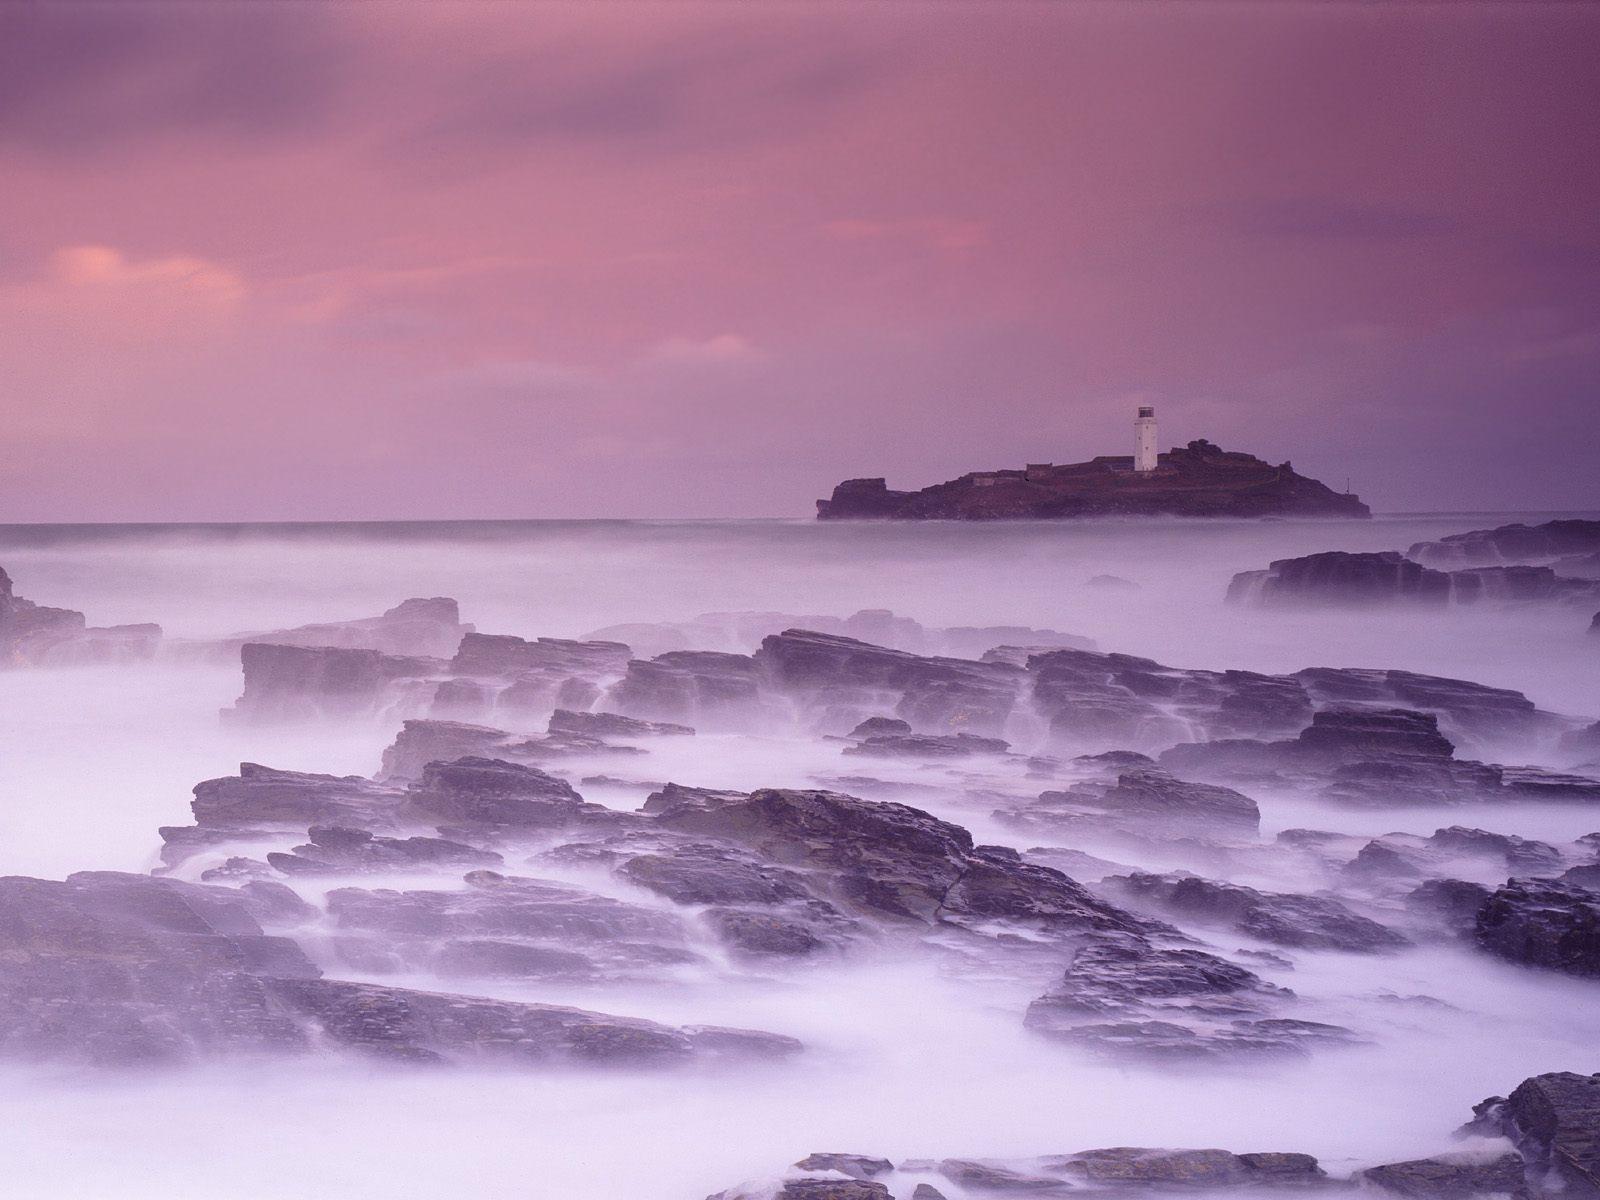 海の風景 壁紙 - Seascape WALLPAPER